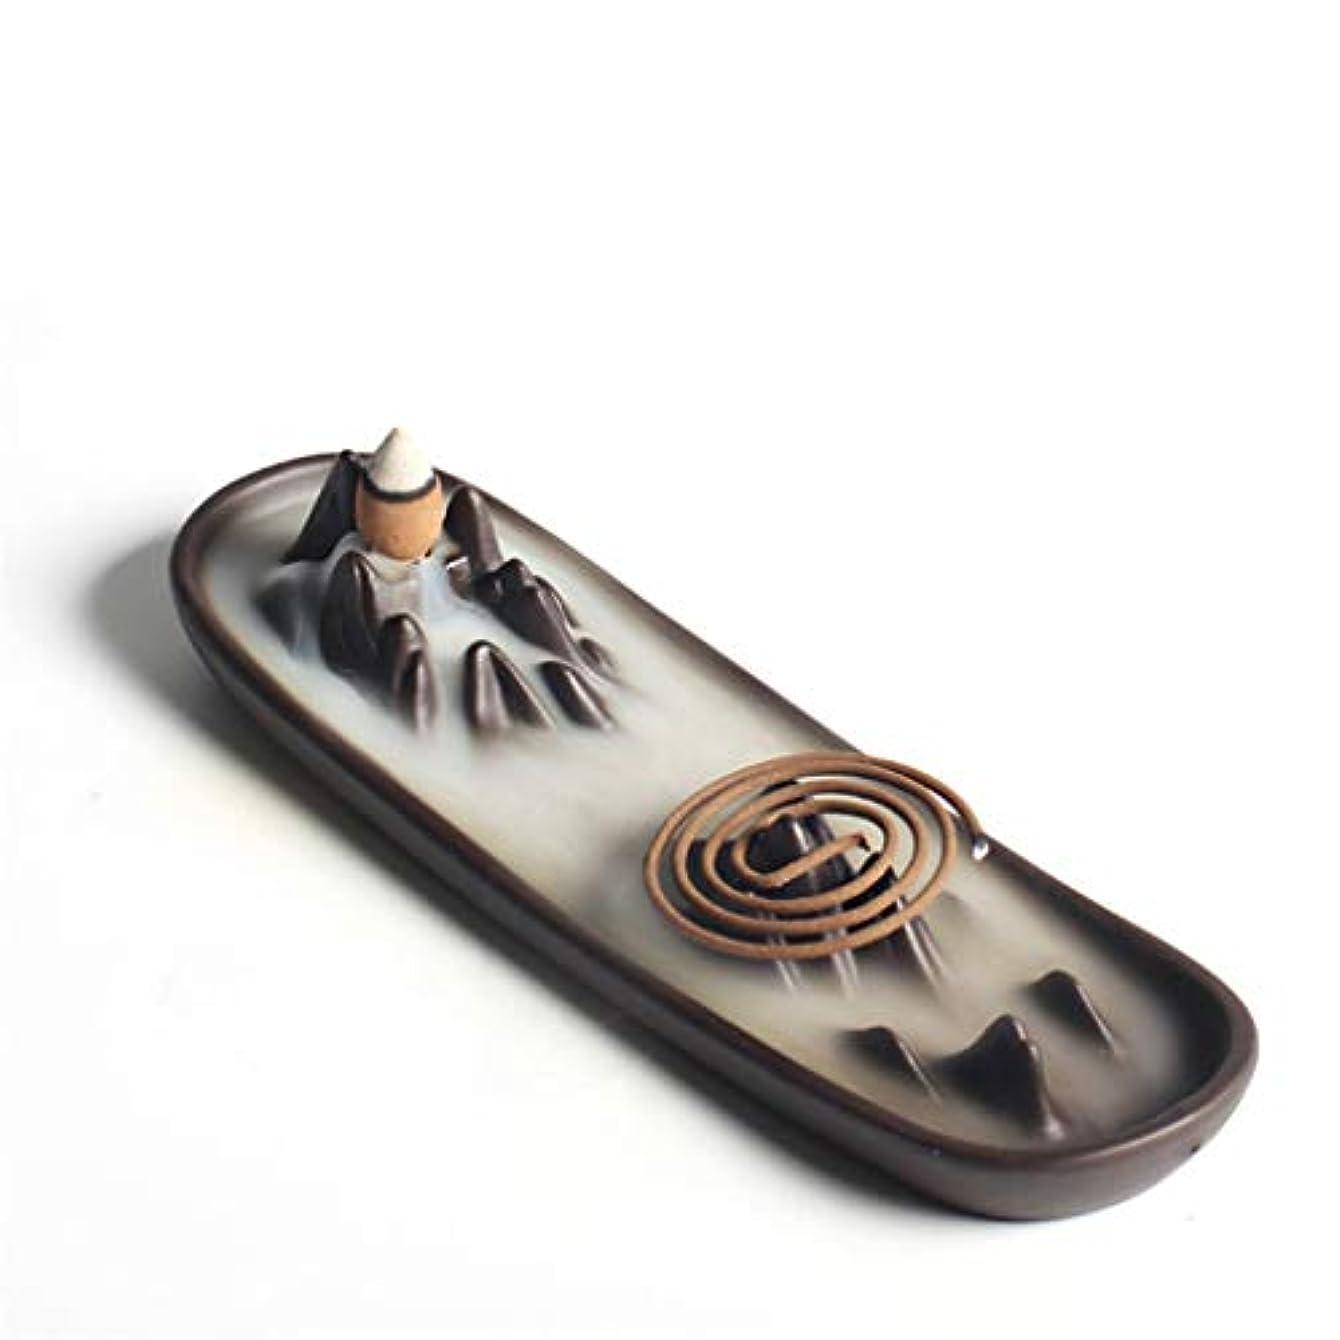 コカイン草重量ホームアロマバーナー 逆流香バーナー家の装飾セラミックアロマセラピー仏教の滝香炉香コイルスティックホルダー 芳香器アロマバーナー (Color : A)